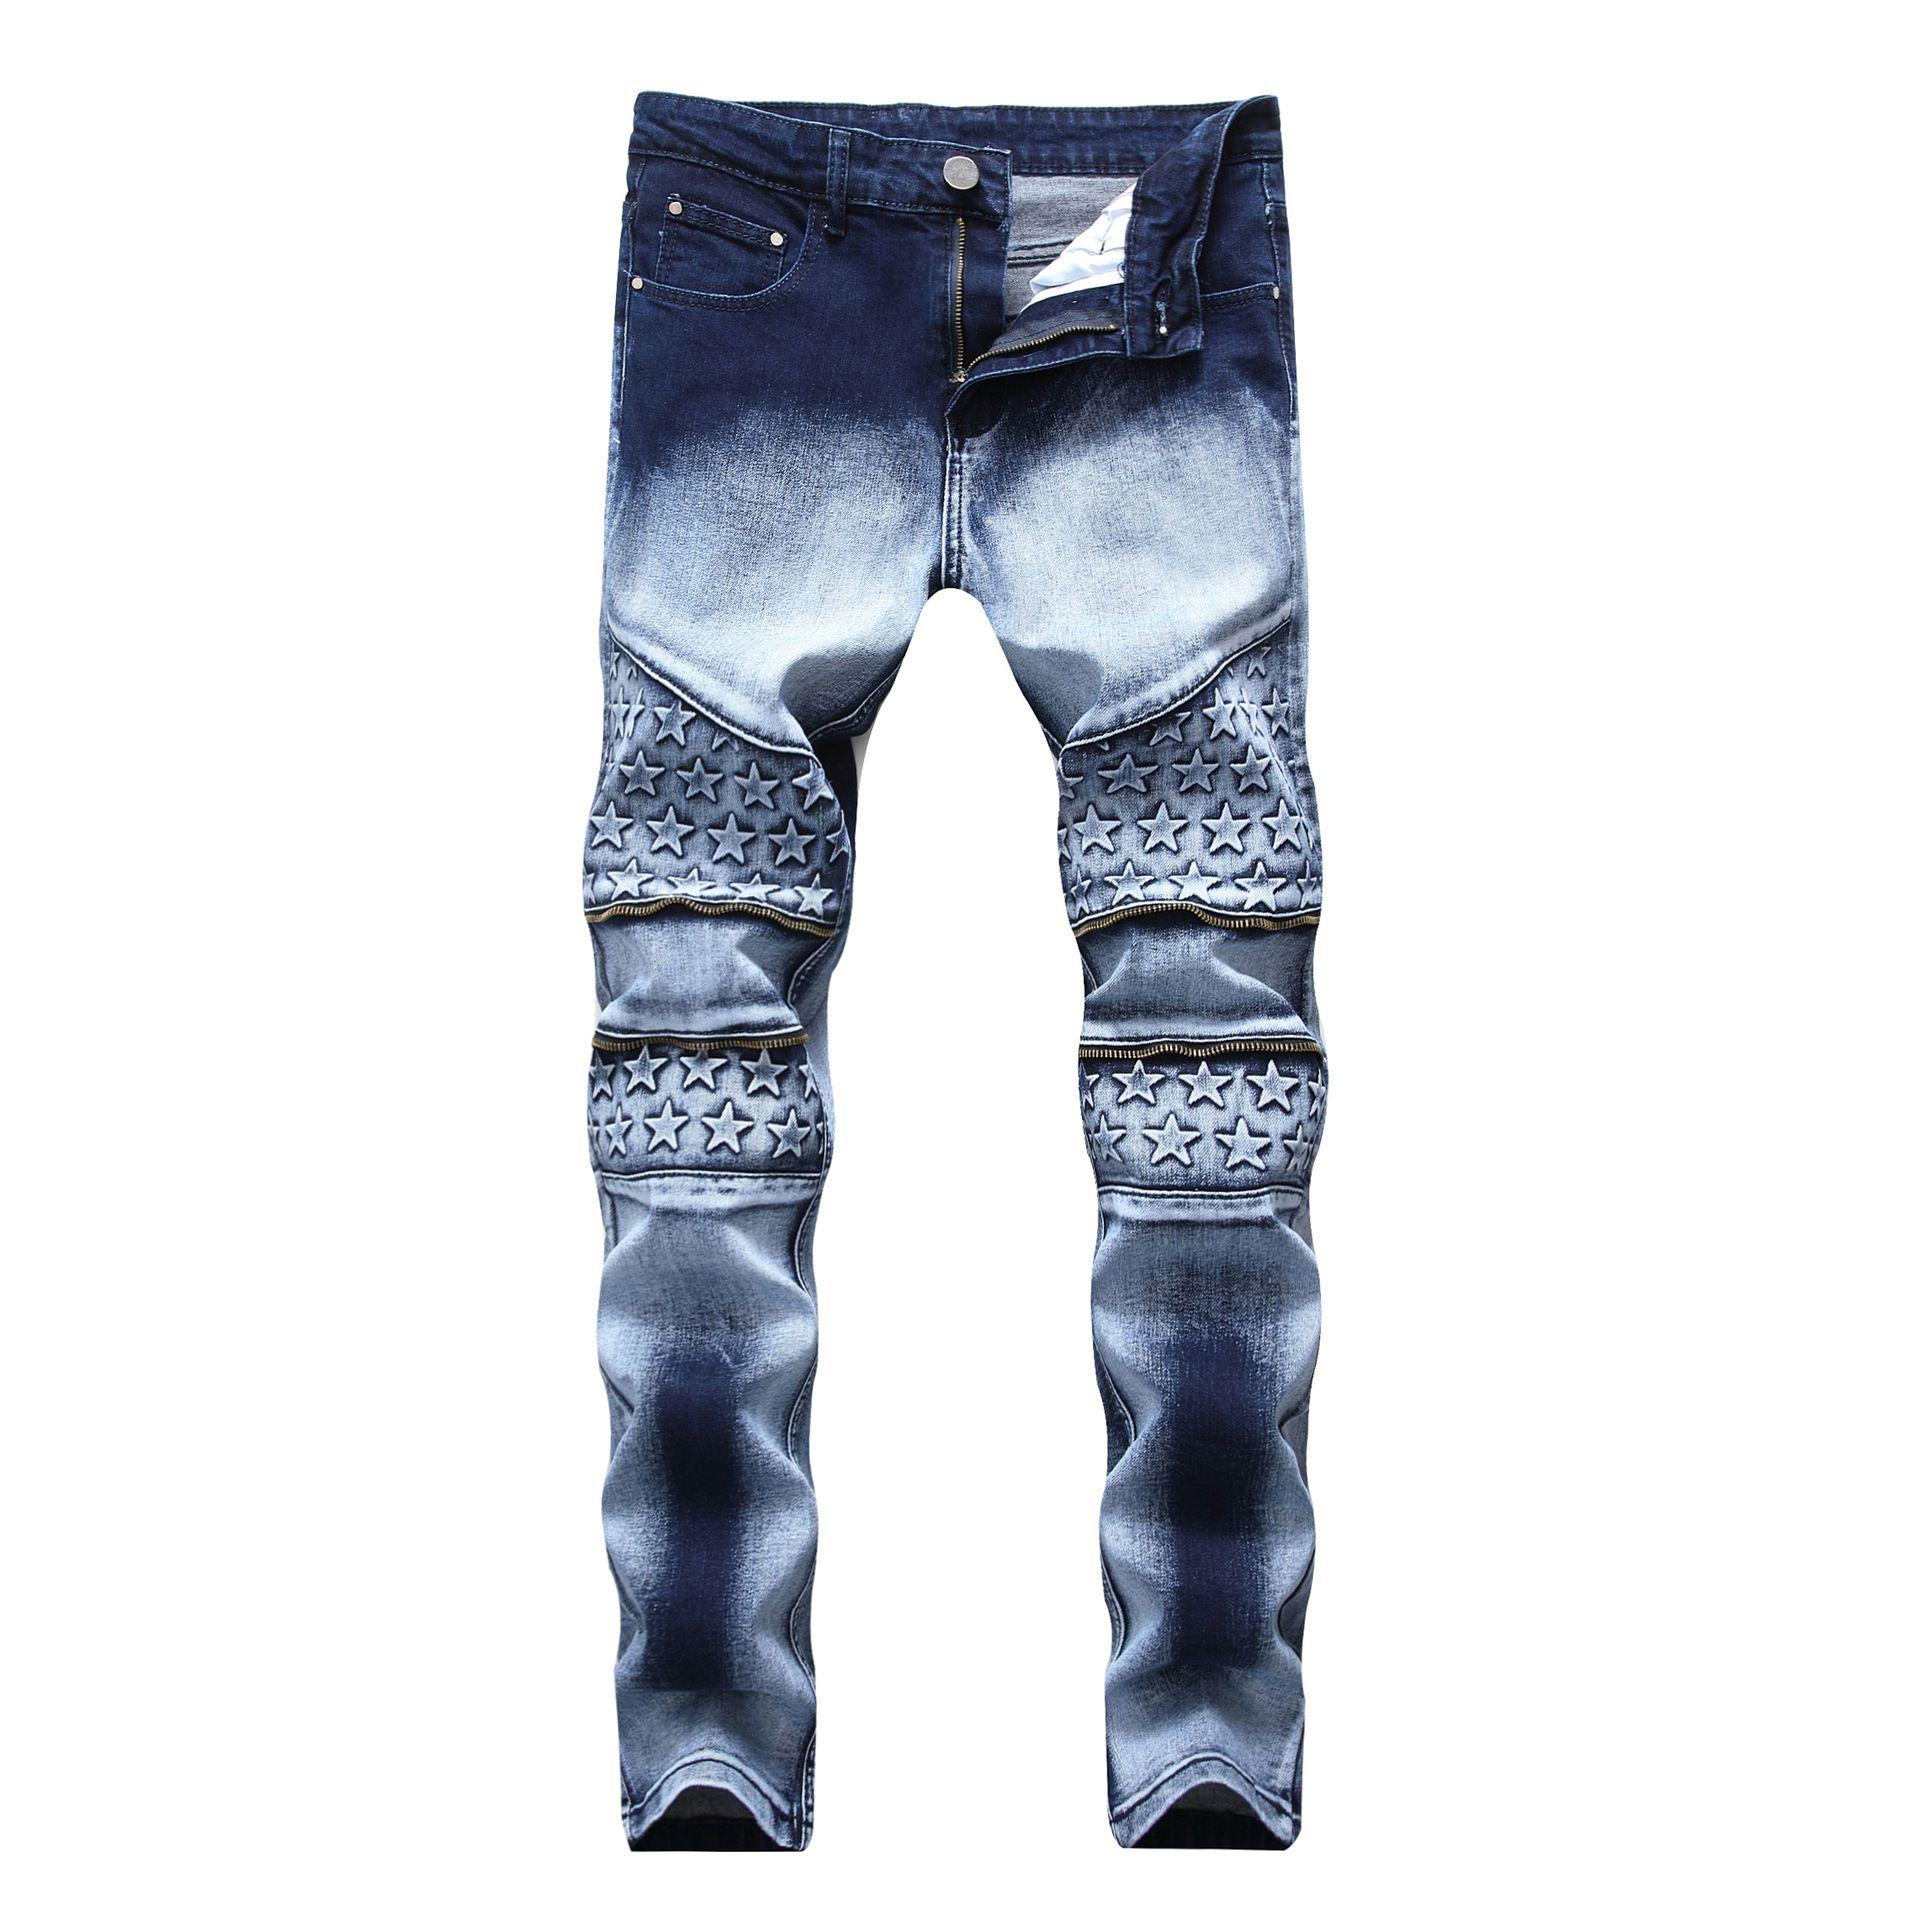 37130bbb 2019 Pantalones para hombre Casual Denim Blue Jeans Primavera otoño  pantalones rectos slim fit con cremallera estrellas al por mayor